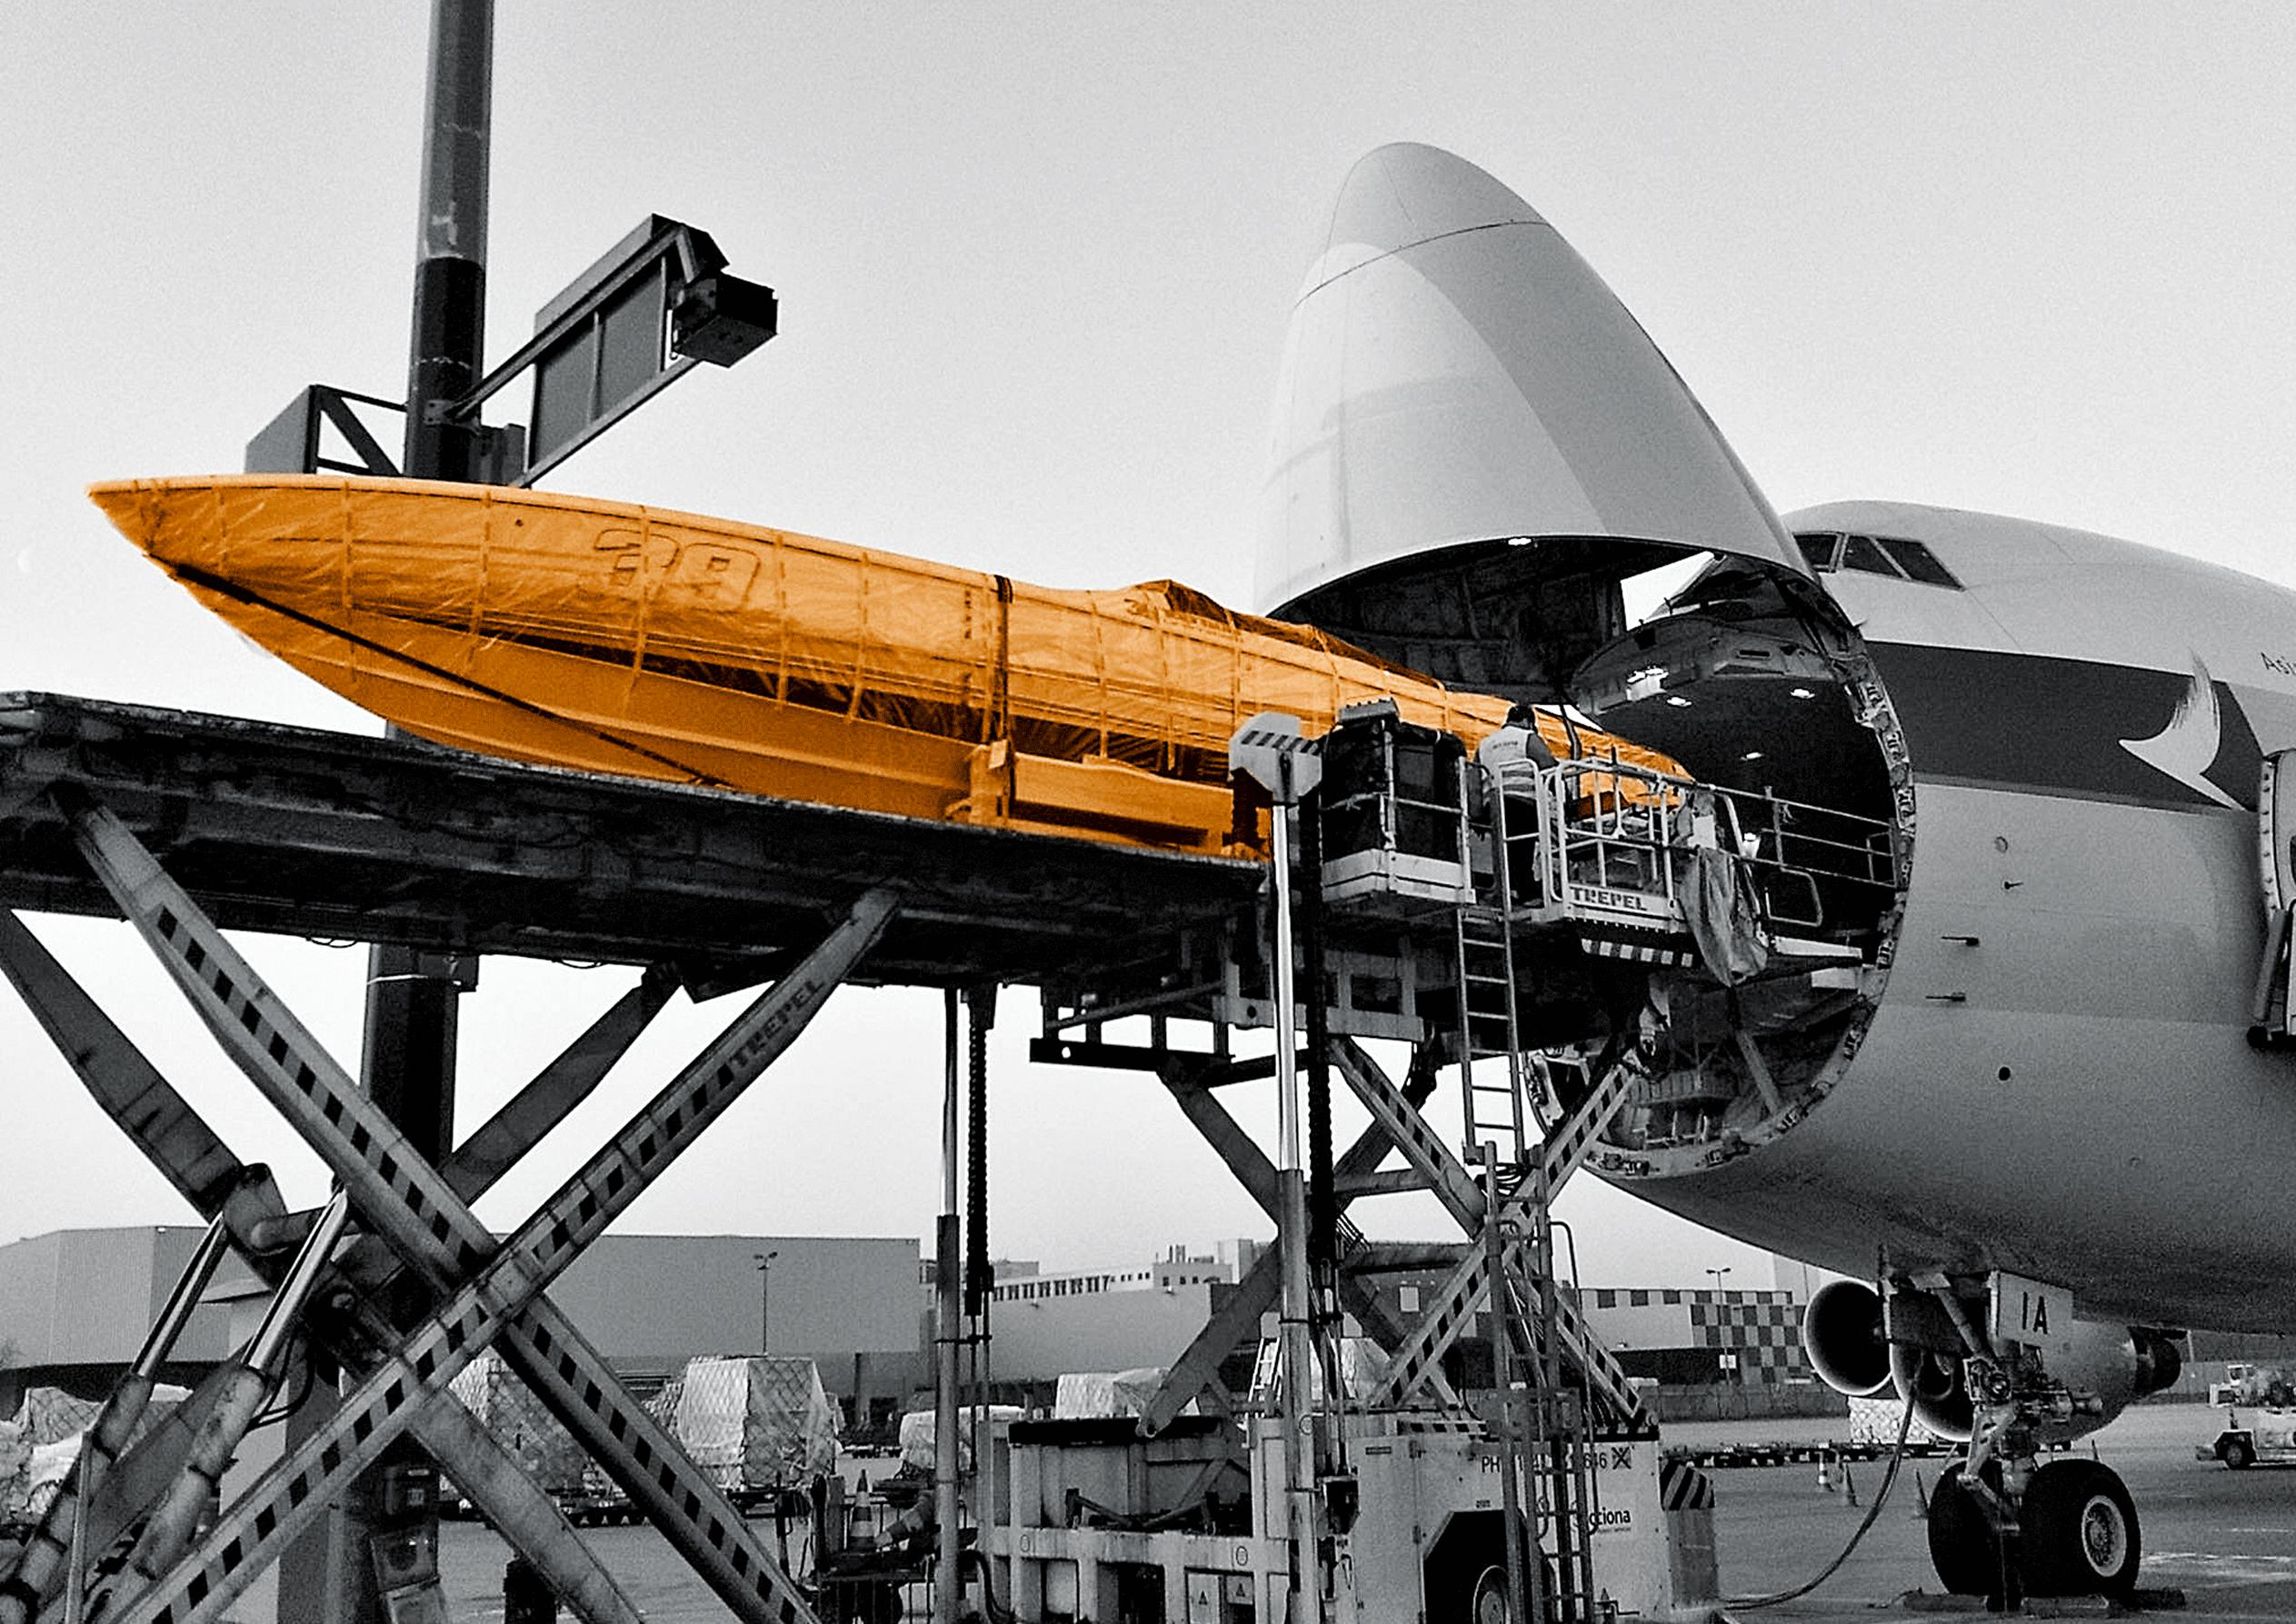 wendland-design,flugzeug,transport,boot,sw-bild,boot-farbe-orange,retusche,postproduktion